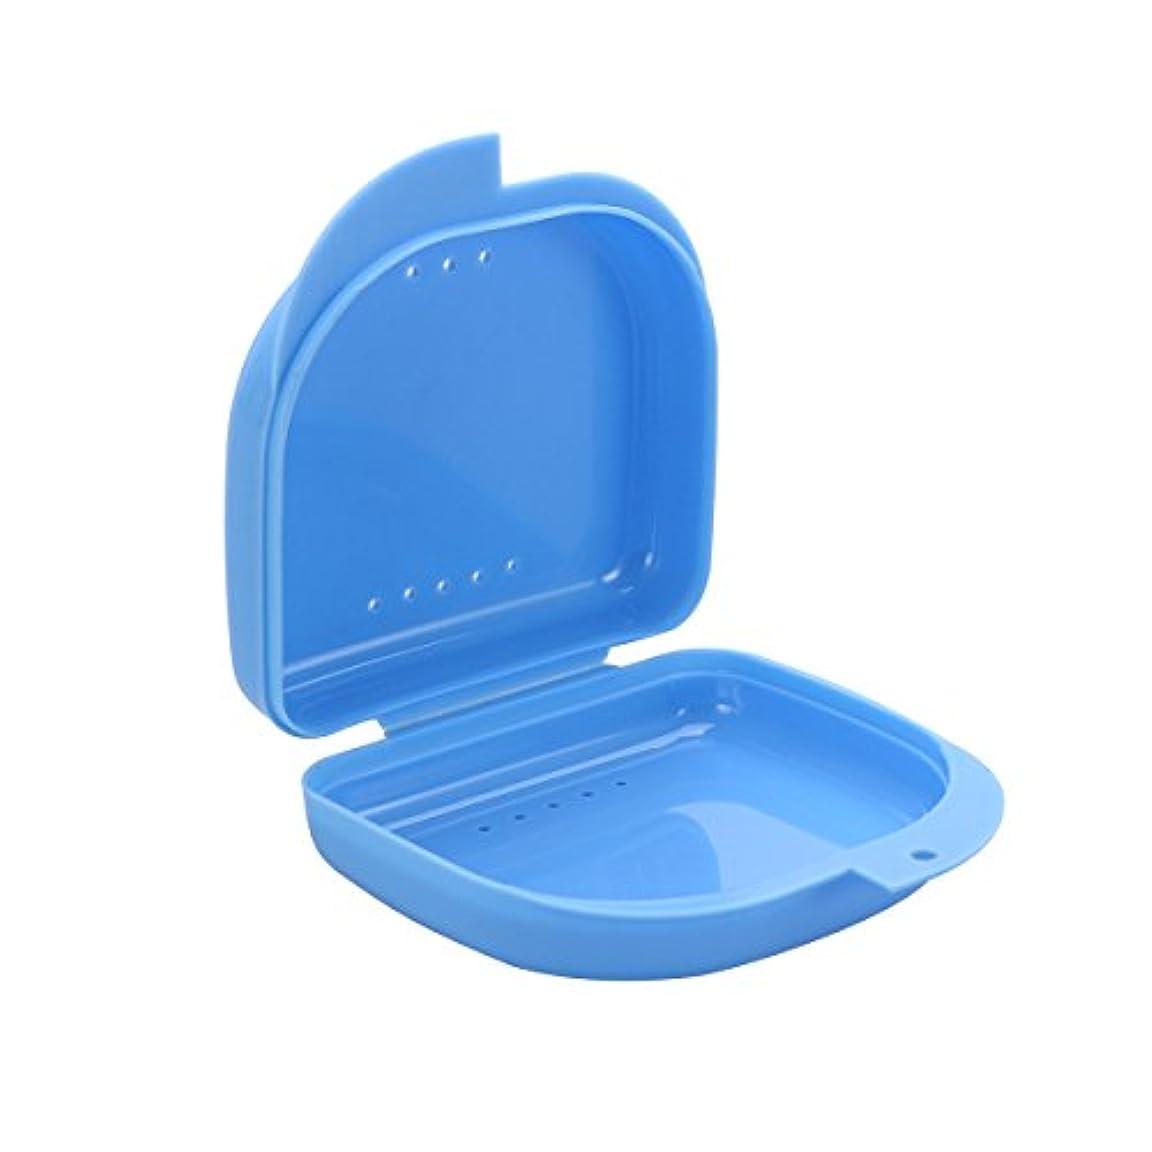 テニス不利余韻Frcolor 義歯ケース 入れ歯ケース 義歯ボックス 入れ歯収納 義歯収納容器 リテーナーボックス 旅行携帯用 コンパクト 軽量 1個(ブルー)